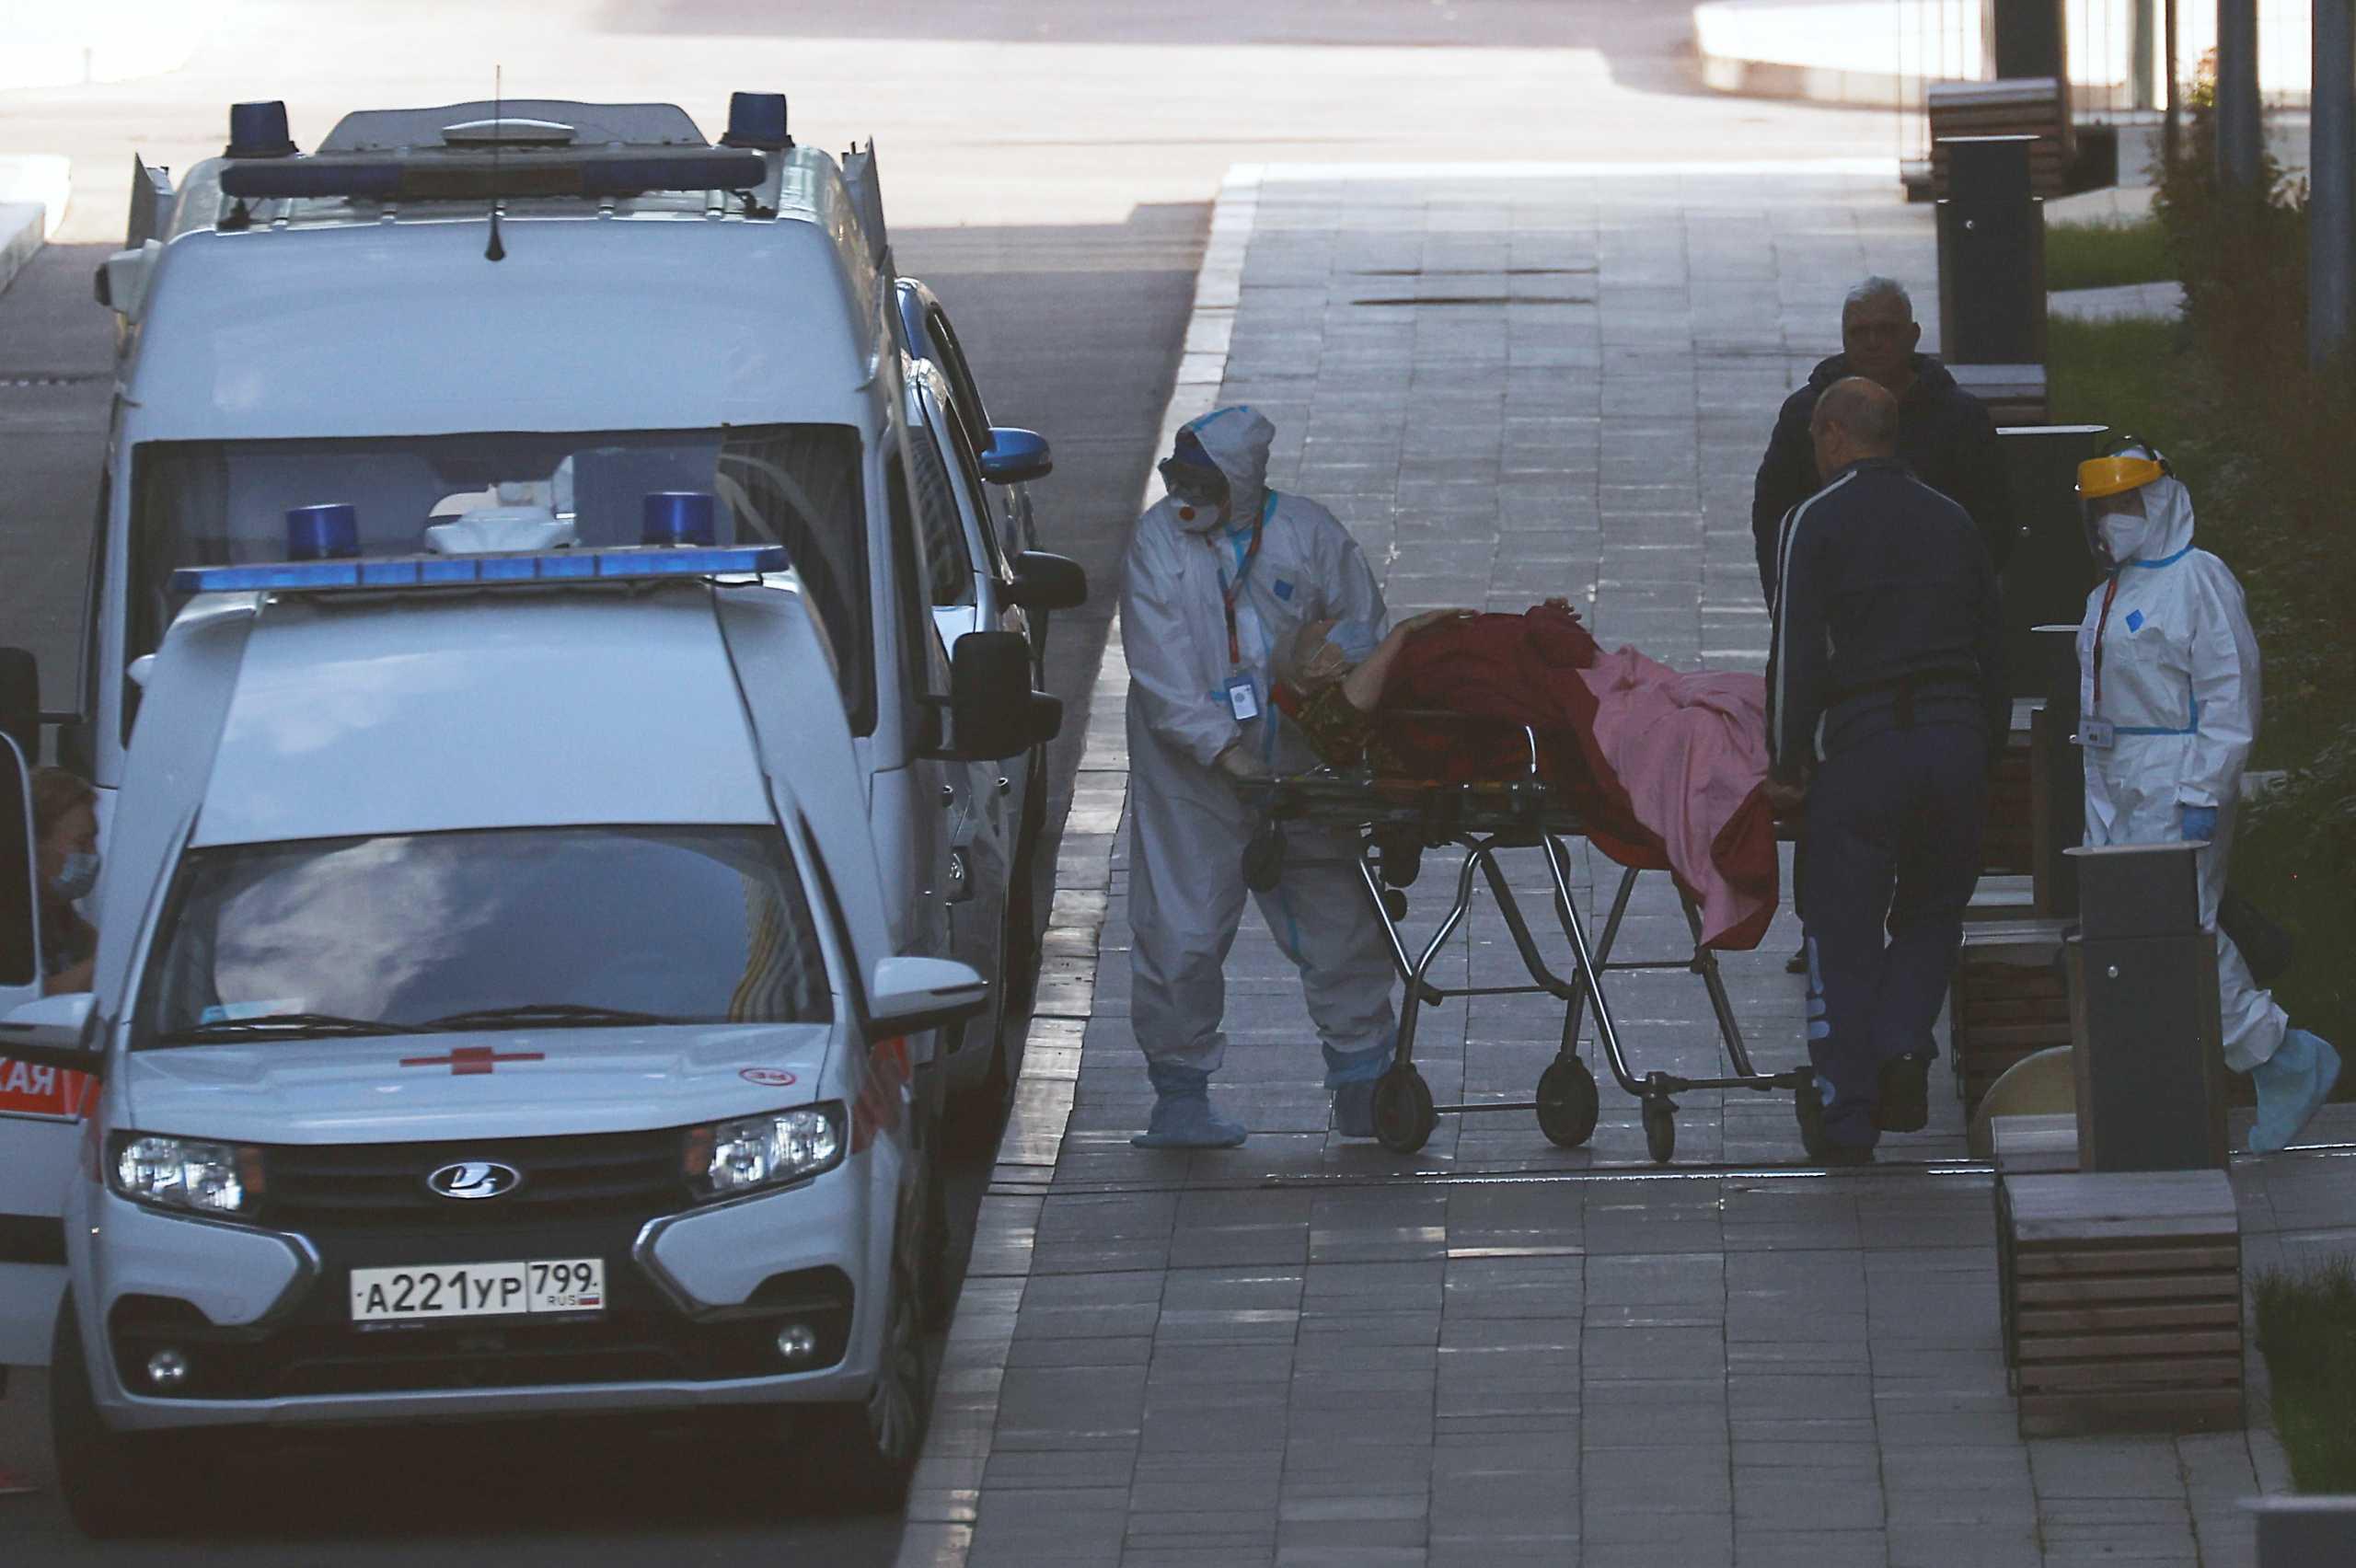 Ρωσία: Νέο αρνητικό ρεκόρ – Σχεδόν χίλιοι θάνατοι σε μία ημέρα από κορονοϊό